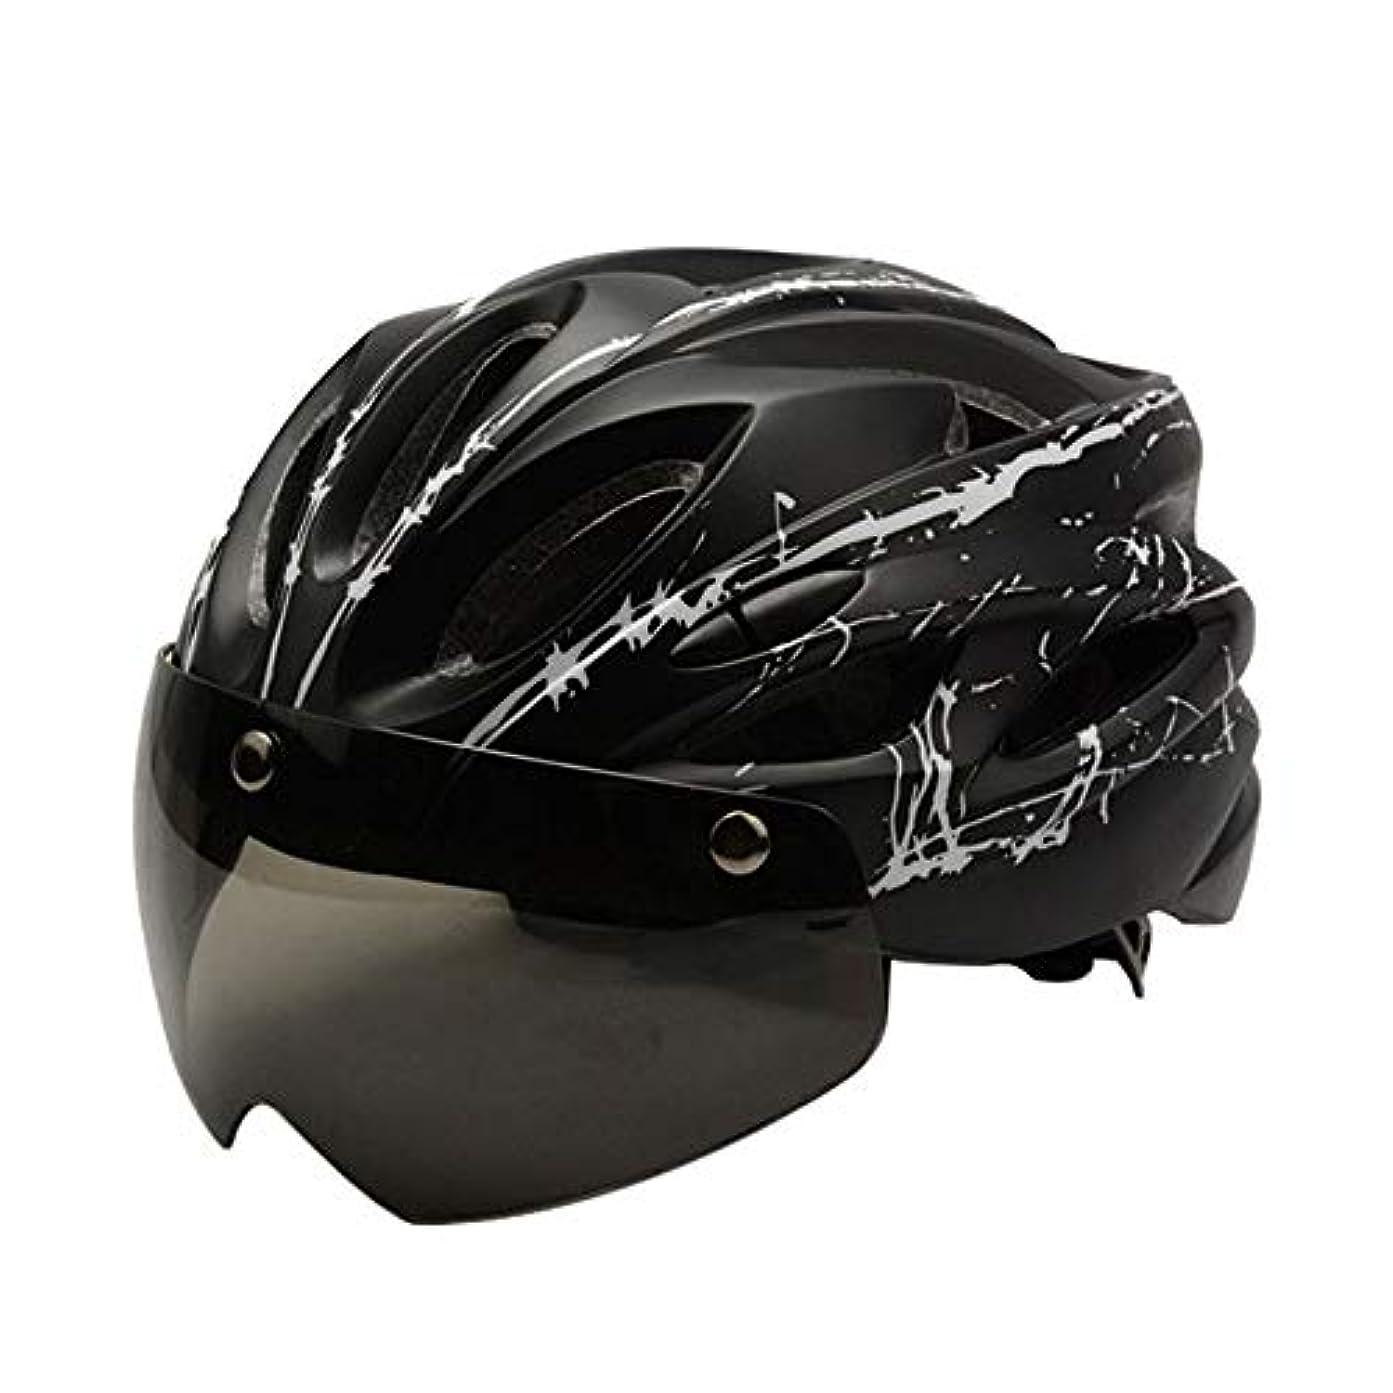 読書アトム原始的な自転車ヘルメット で磁気ゴーグルバ ロードバイクヘルメット レーシングヘルメット 超軽 男女兼用 眼鏡使用可能 一体成型